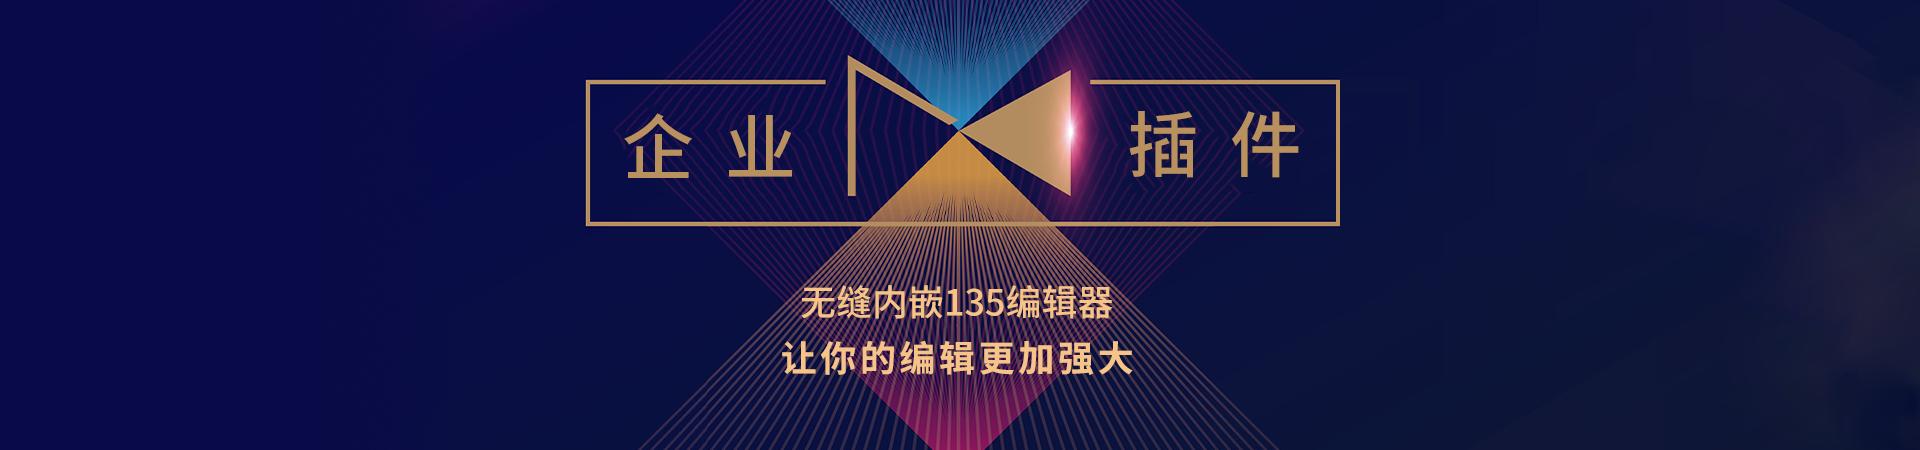 企業插件頁面banner圖